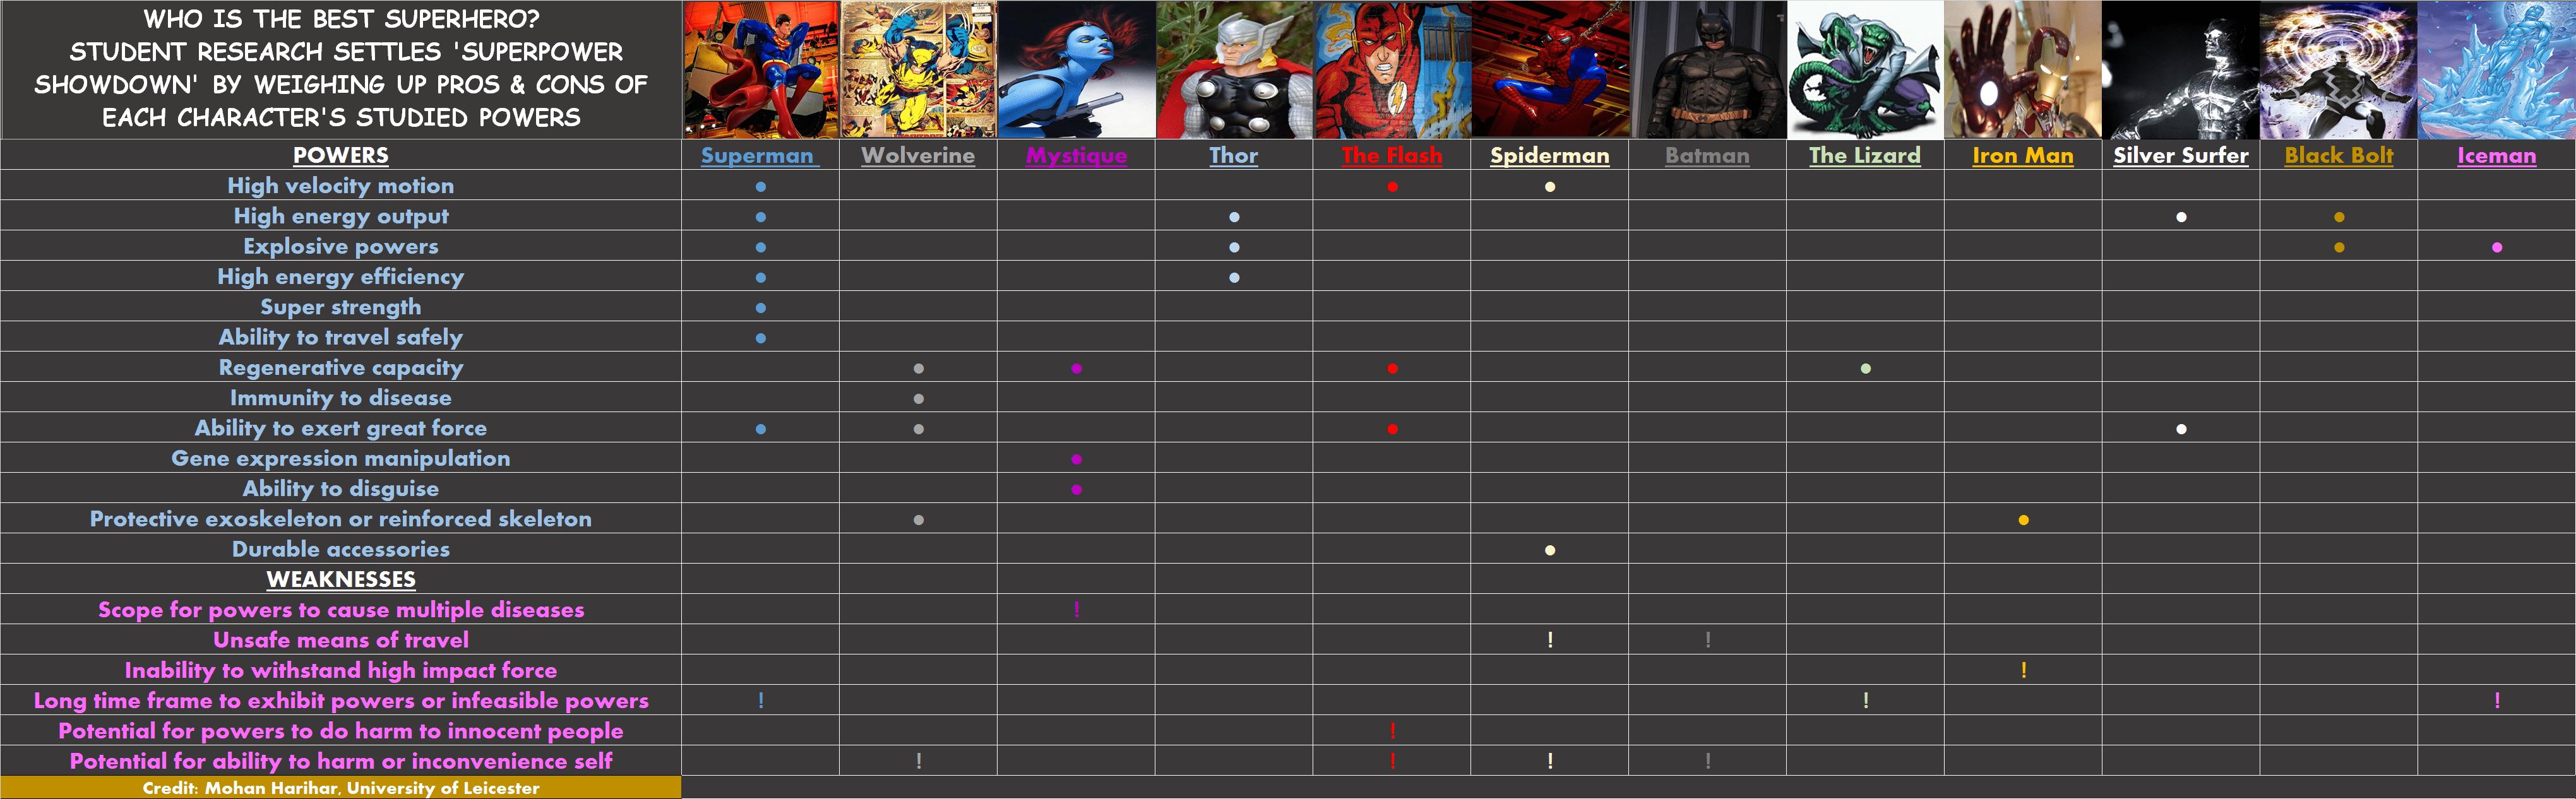 Final Superpower Chart